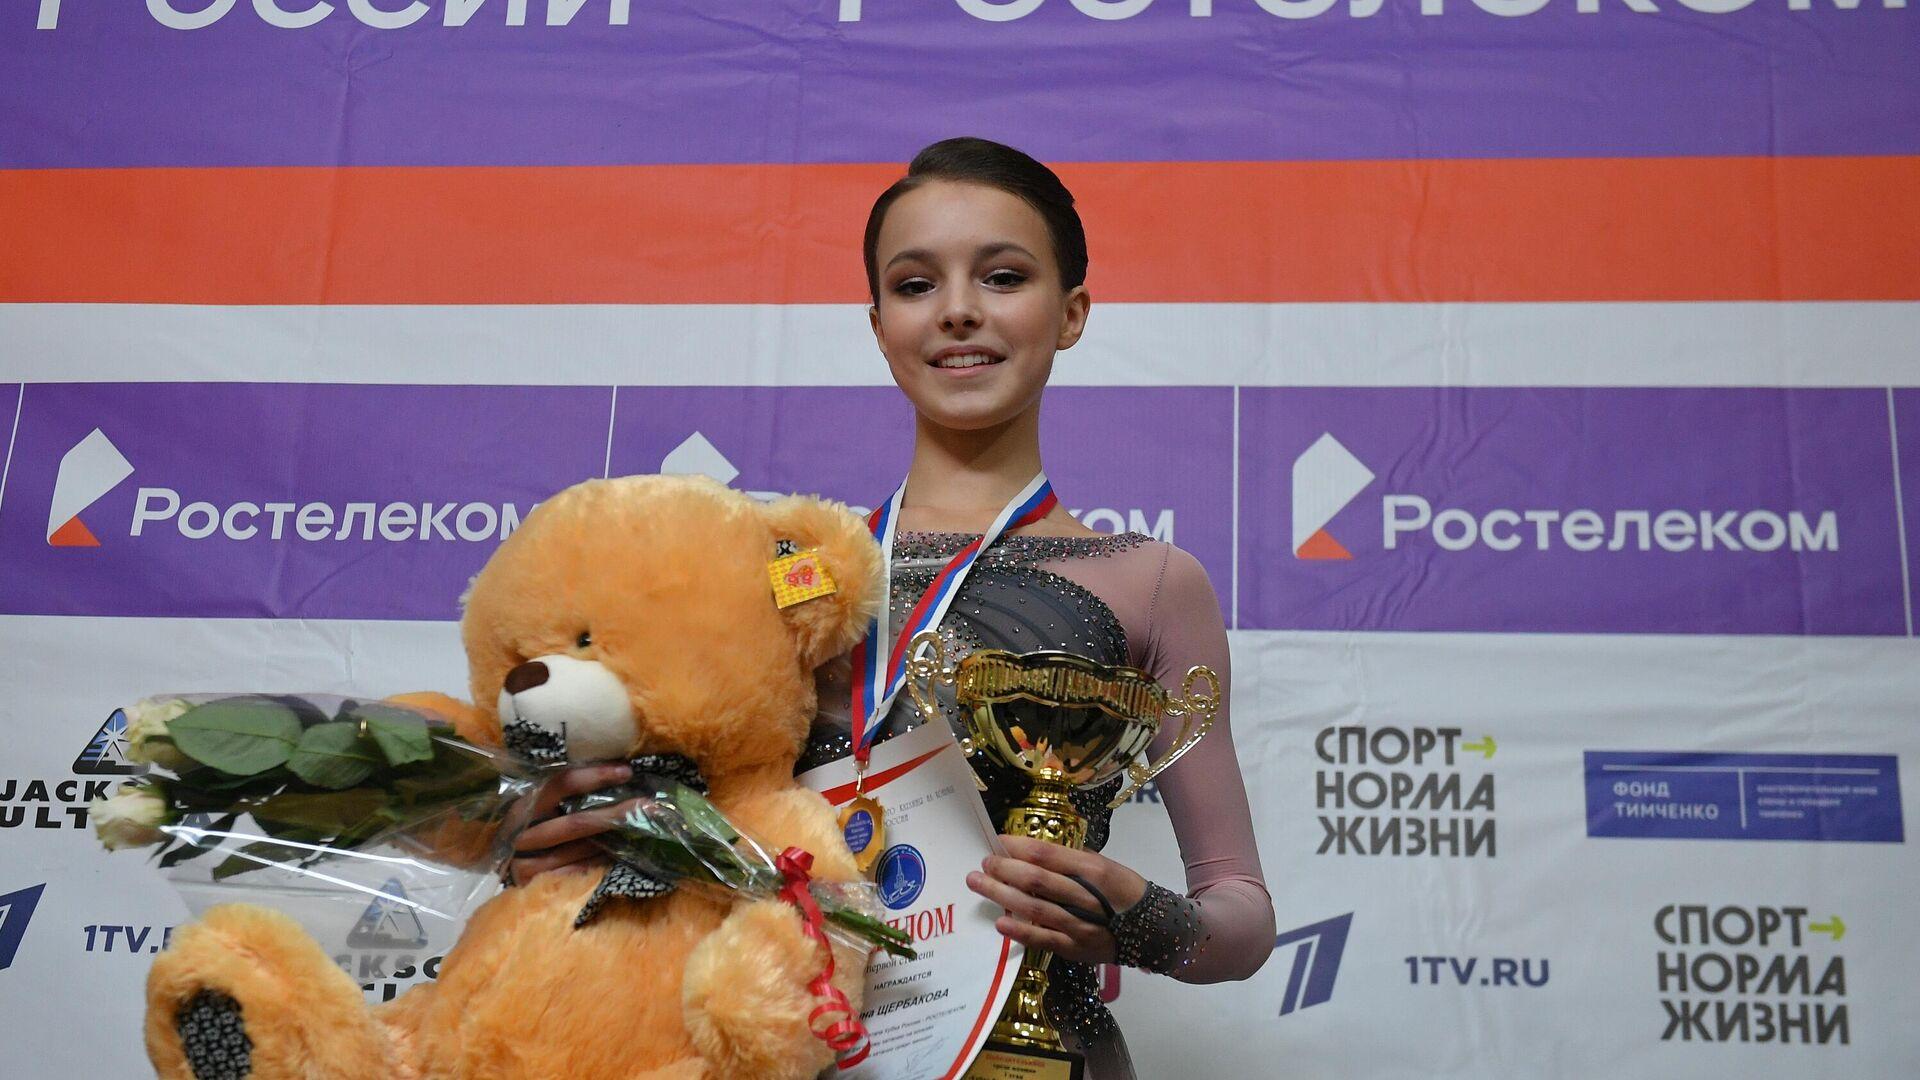 Анна Щербакова, занявшая 1-е место в женском одиночном катании на I этапе Кубка России - РИА Новости, 1920, 25.09.2020